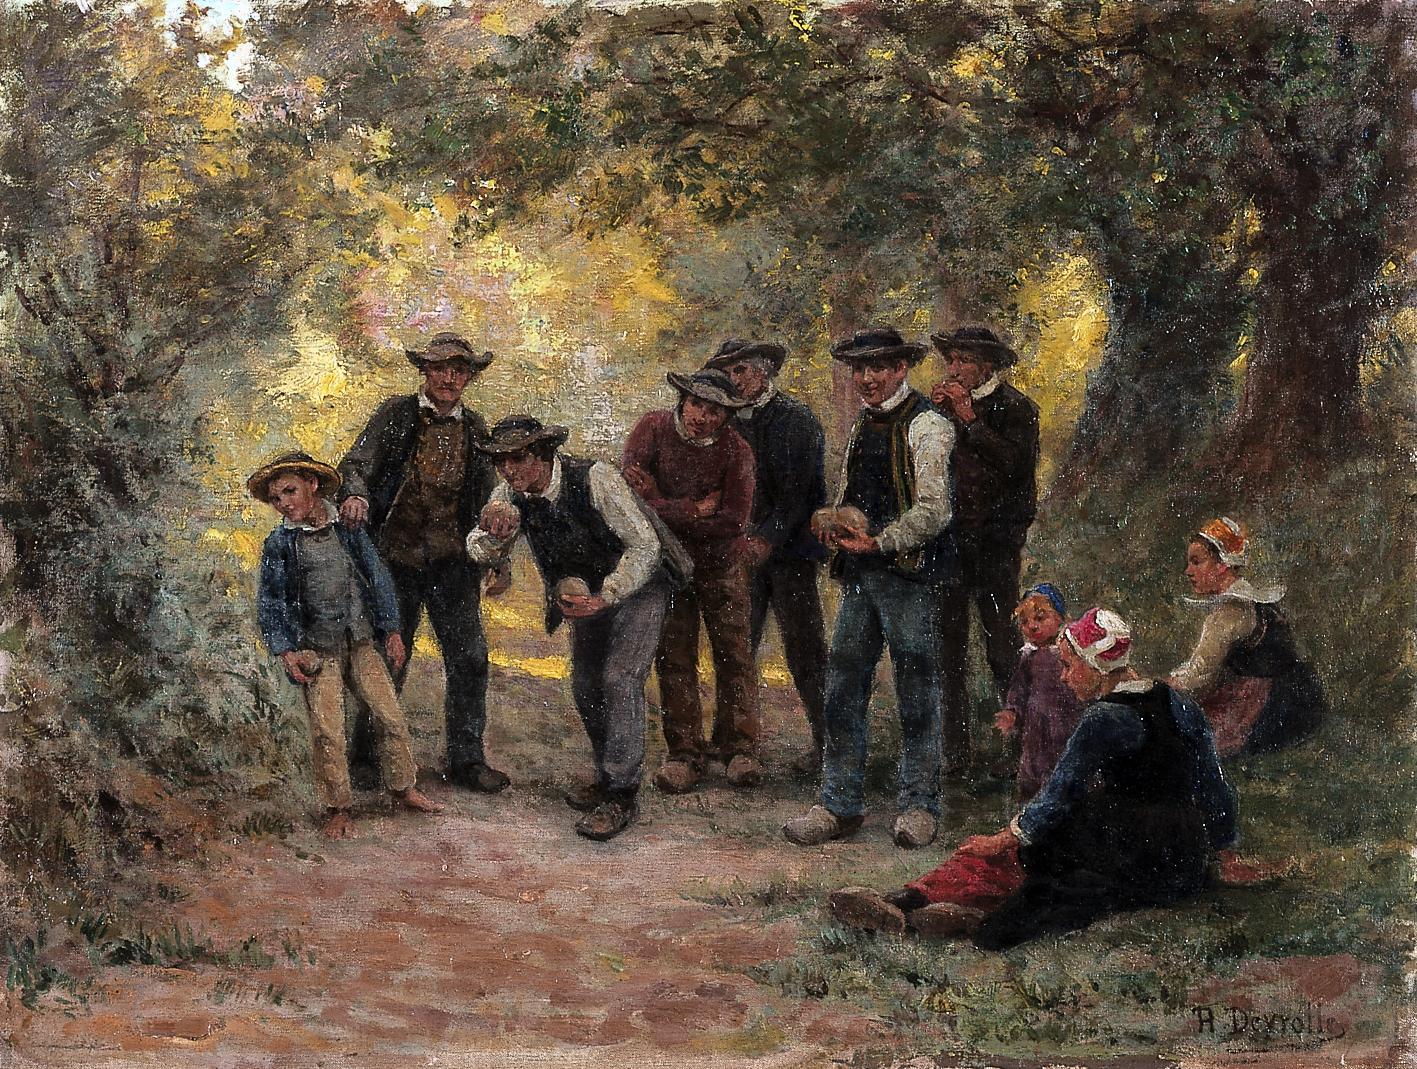 Théophile_Deyrolle_Les_joueurs_de_boules_Beuzec-Conq_Musée_beaux-arts_Quimper02